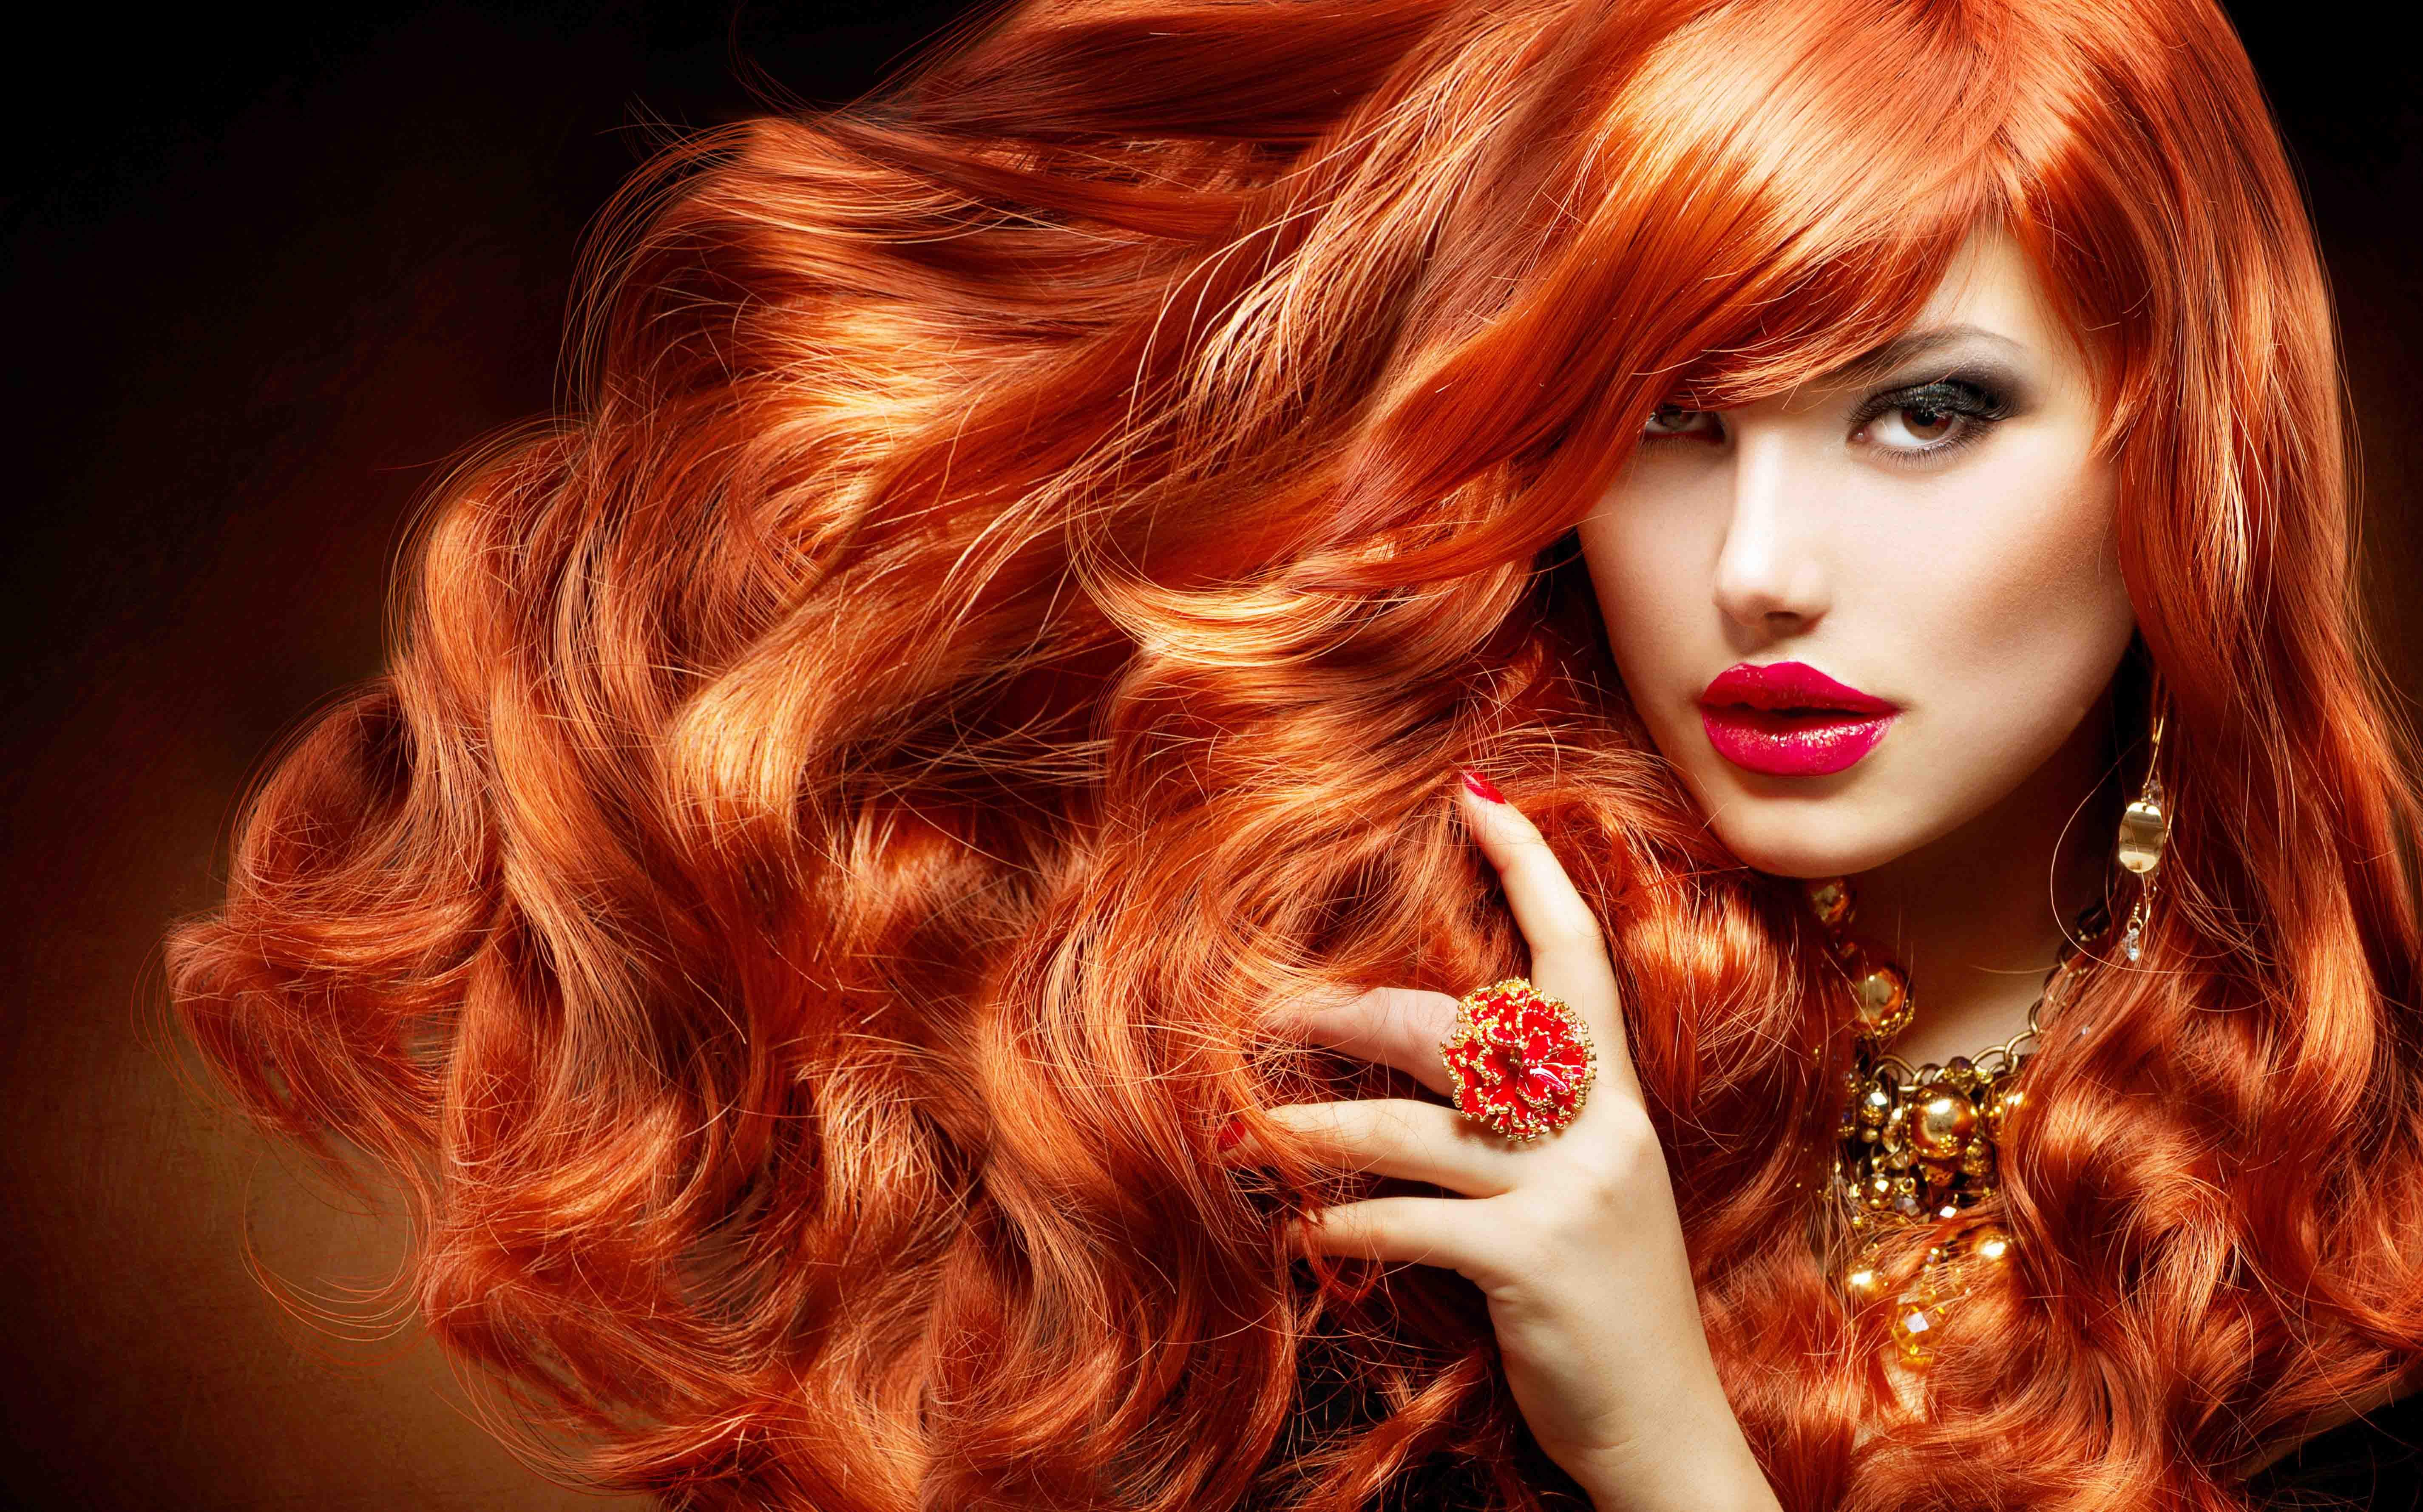 zephir-parrucchieri-ascona-muralto-capelli-rossi